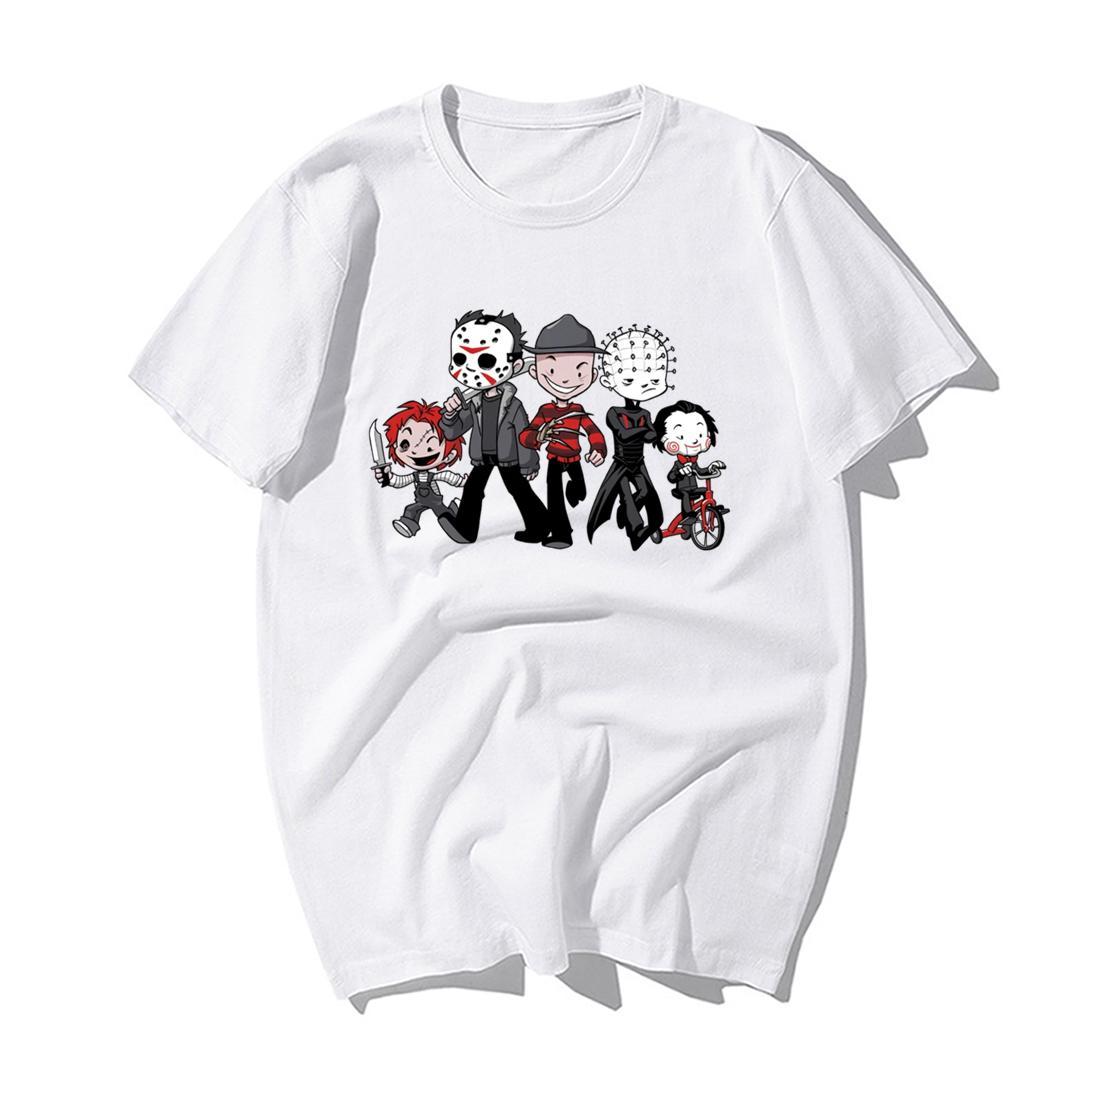 Мода фильм ужасов Джейсон Клоун пила Хэллоуин печати T-Shirt Men Summer Casual высокого качества хлопка с коротким рукавом футболки Топы